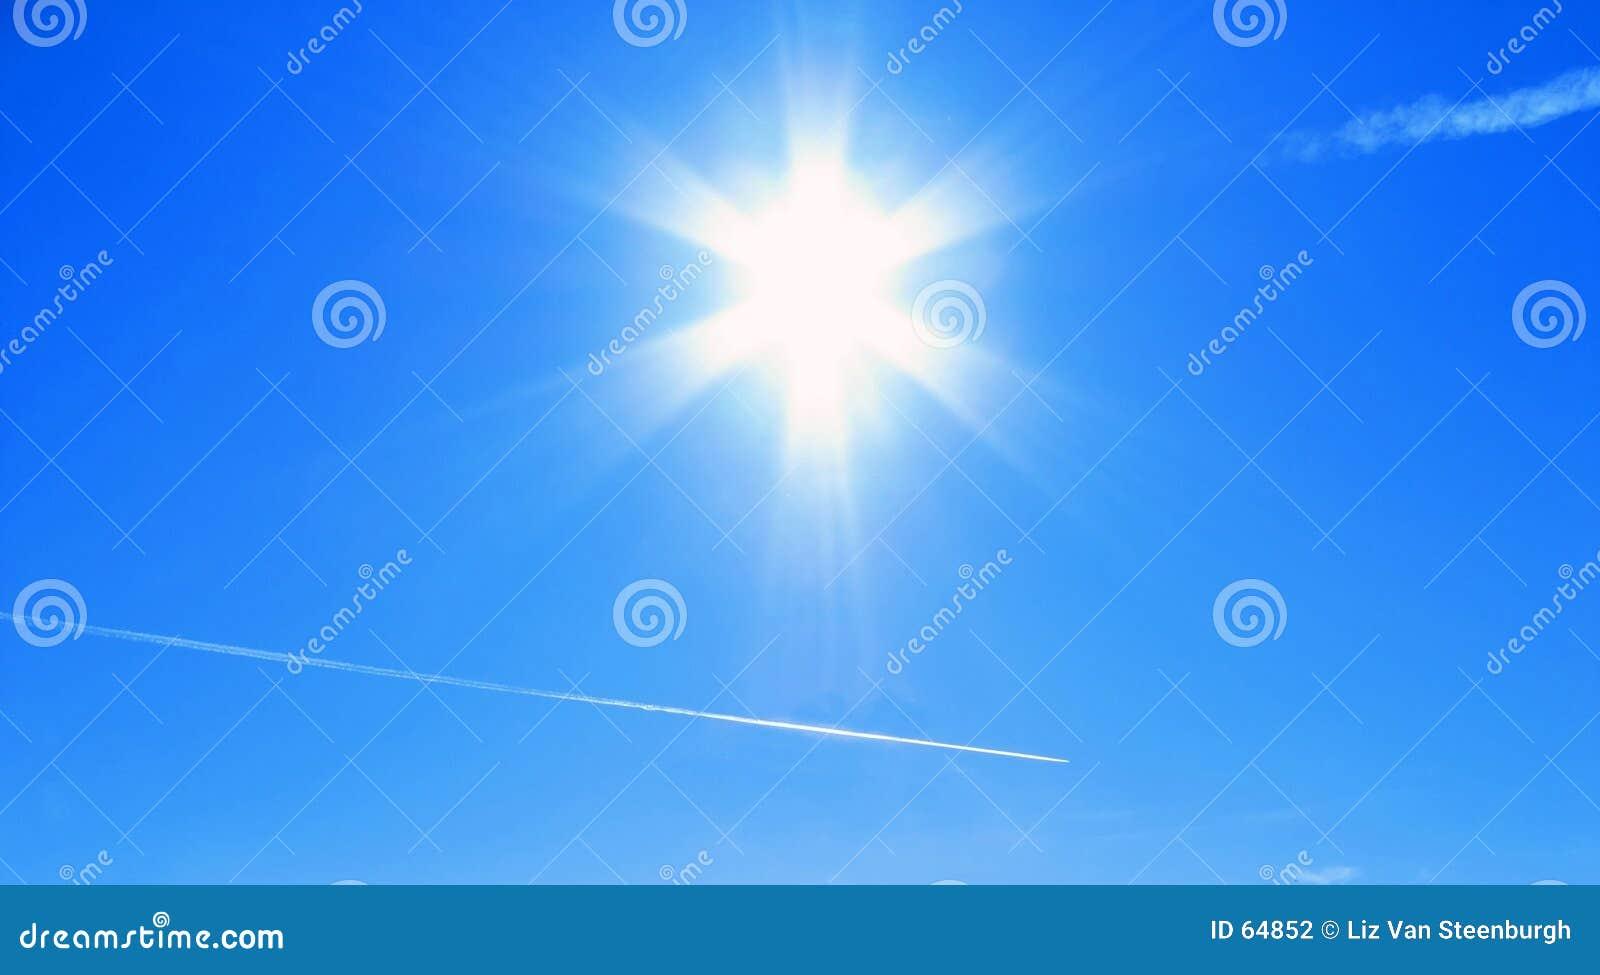 Download Midi élevé photo stock. Image du lumière, rayons, brillant - 64852